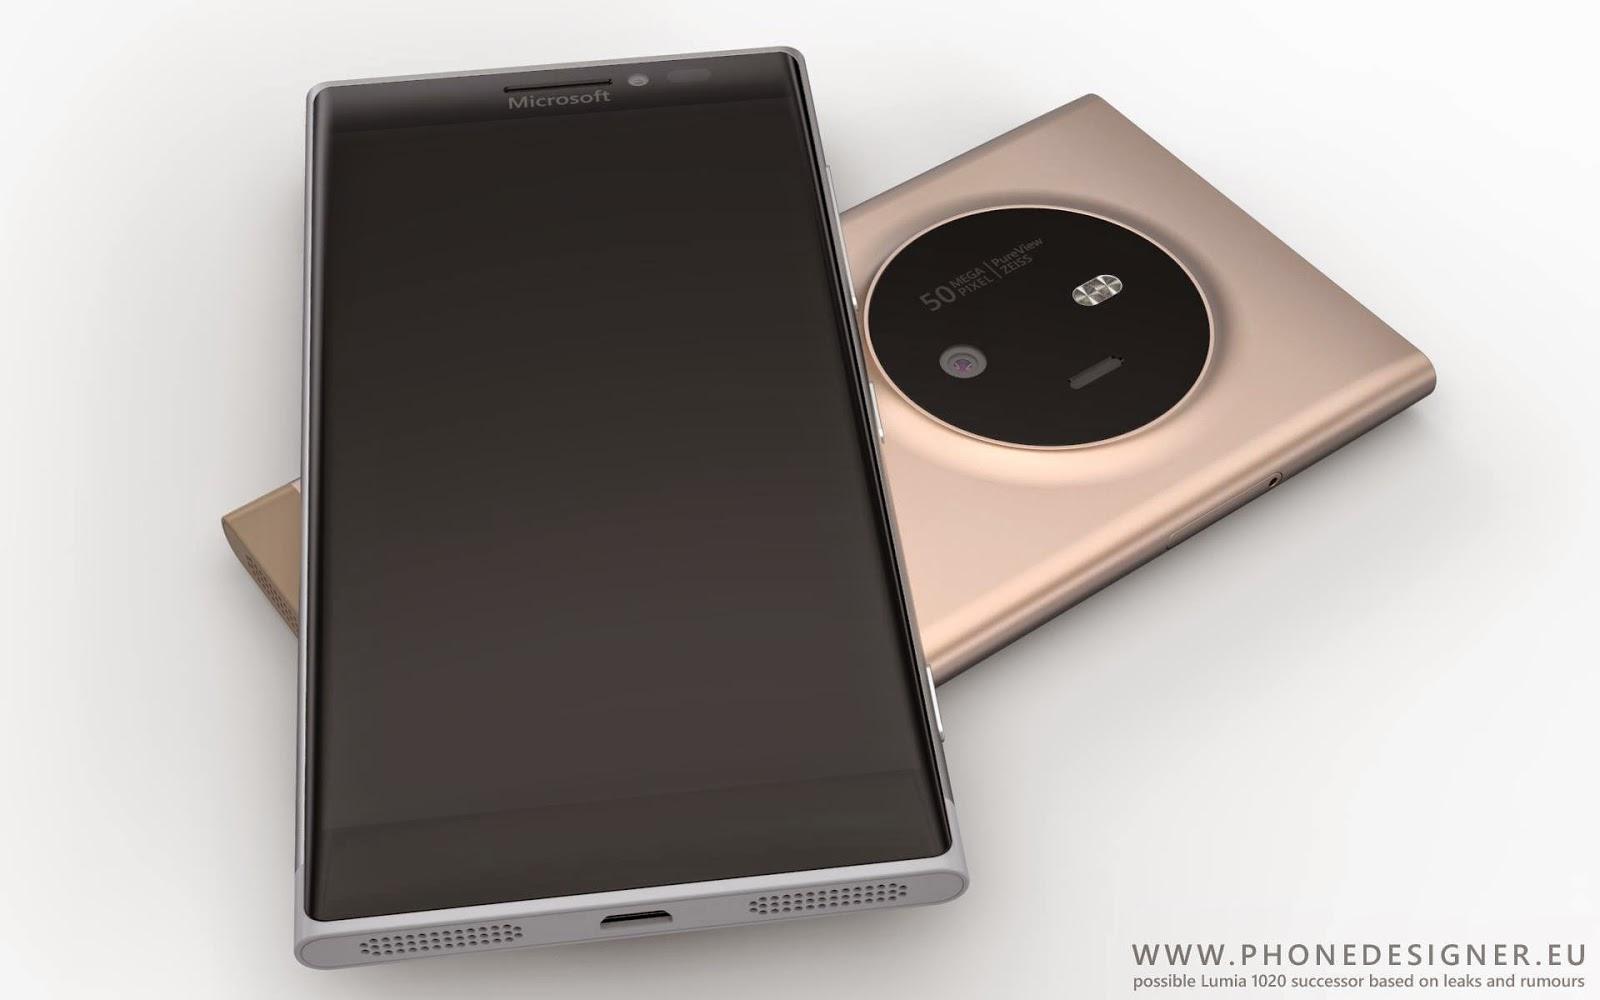 Камерофон Lumia 1030. Прототип Йонаса Данерта